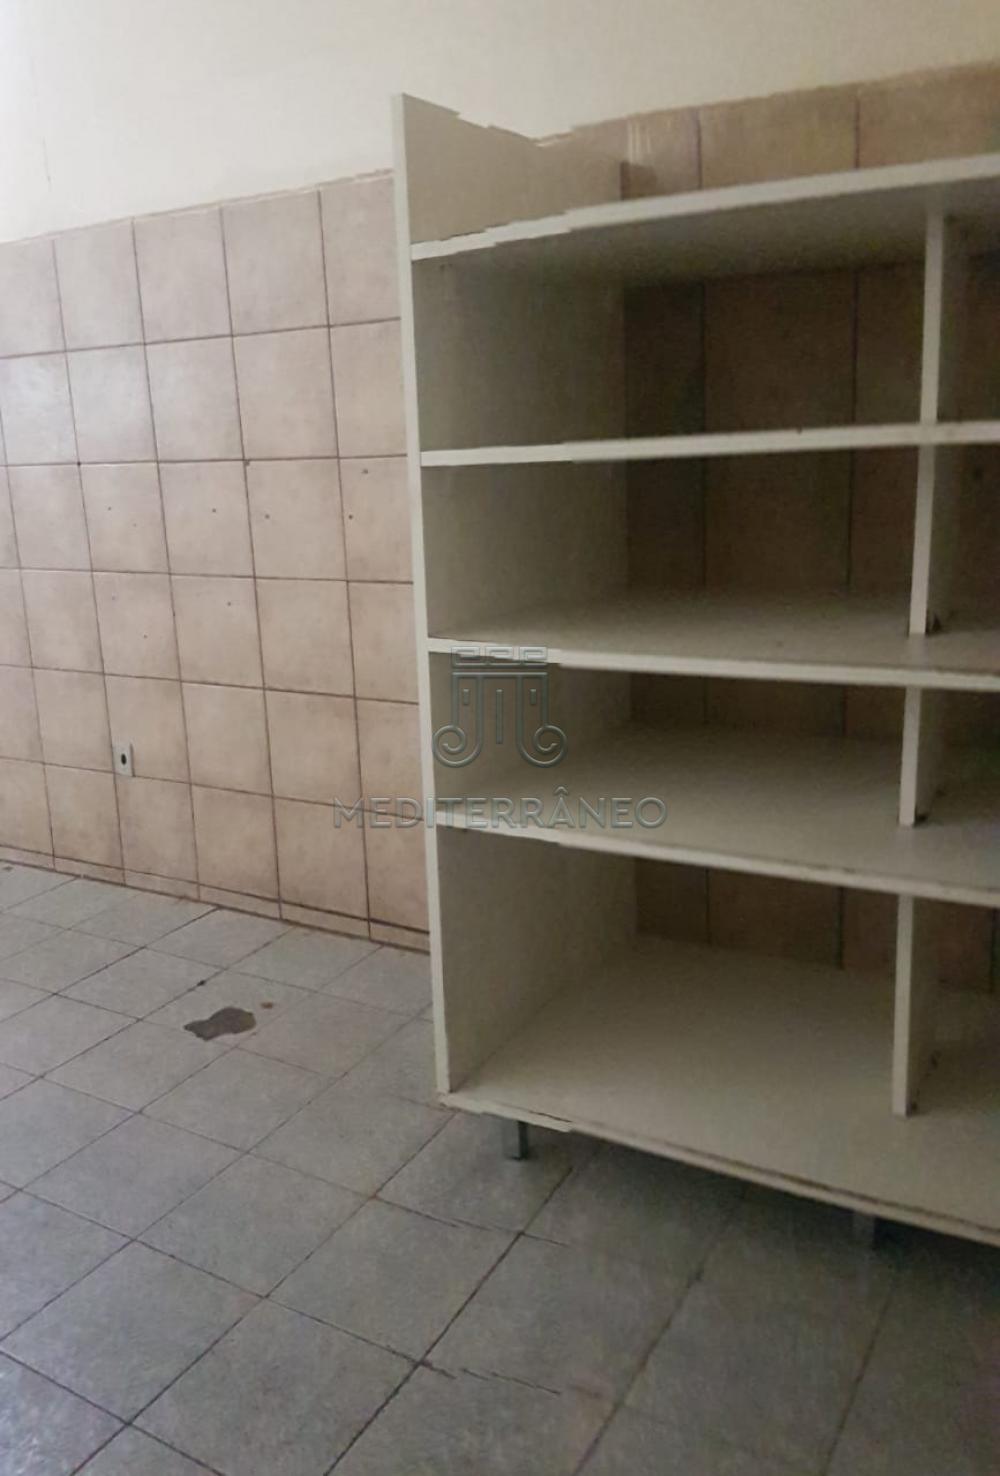 Alugar Comercial / Salão em Jundiaí apenas R$ 2.500,00 - Foto 10